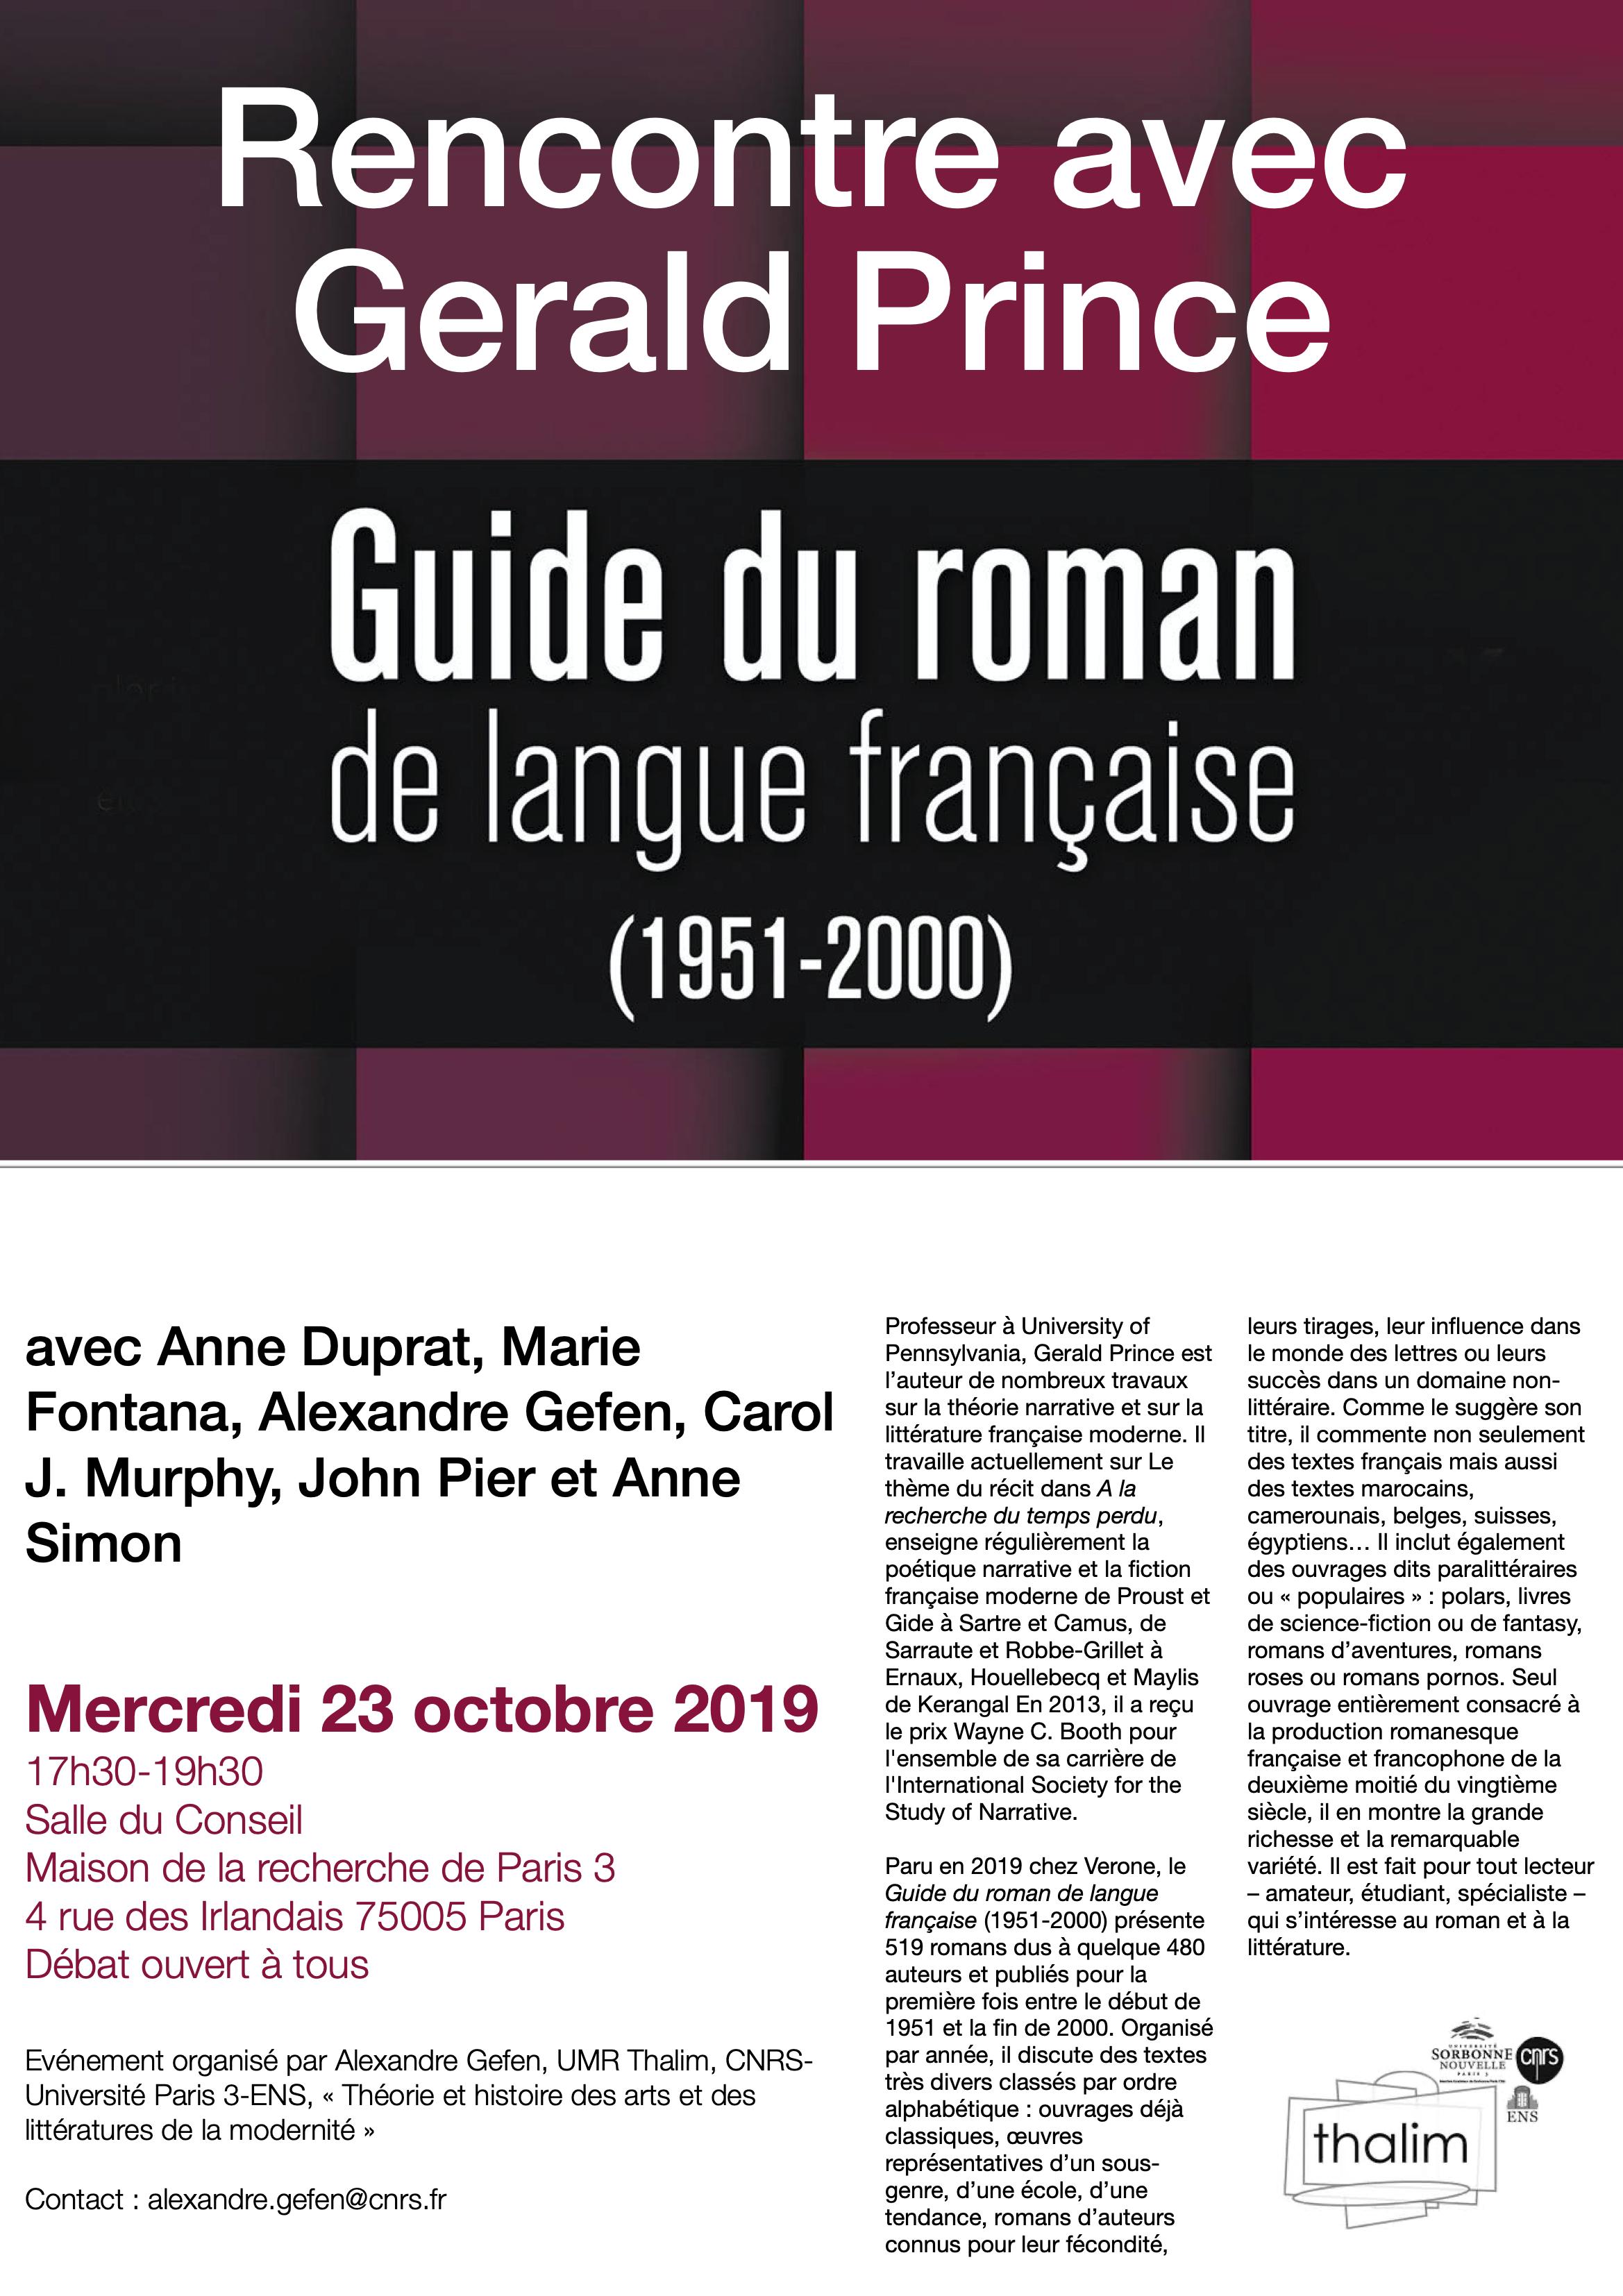 Rencontre avec Gerald Prince. Autour du Guide du roman de langue française